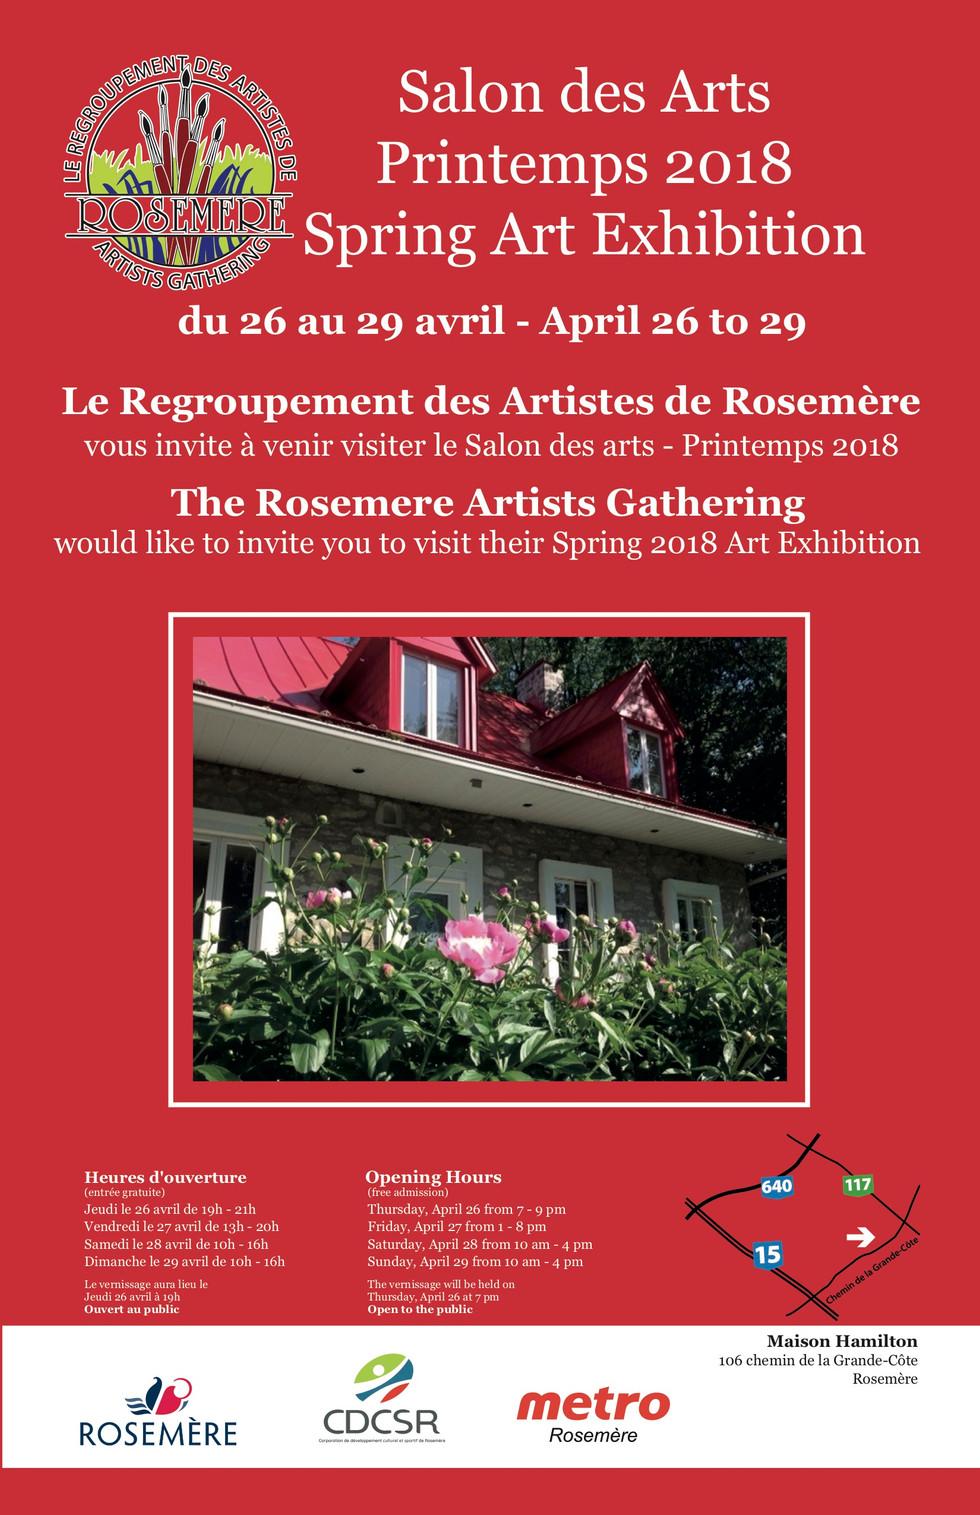 Salon des arts du printemps 2018